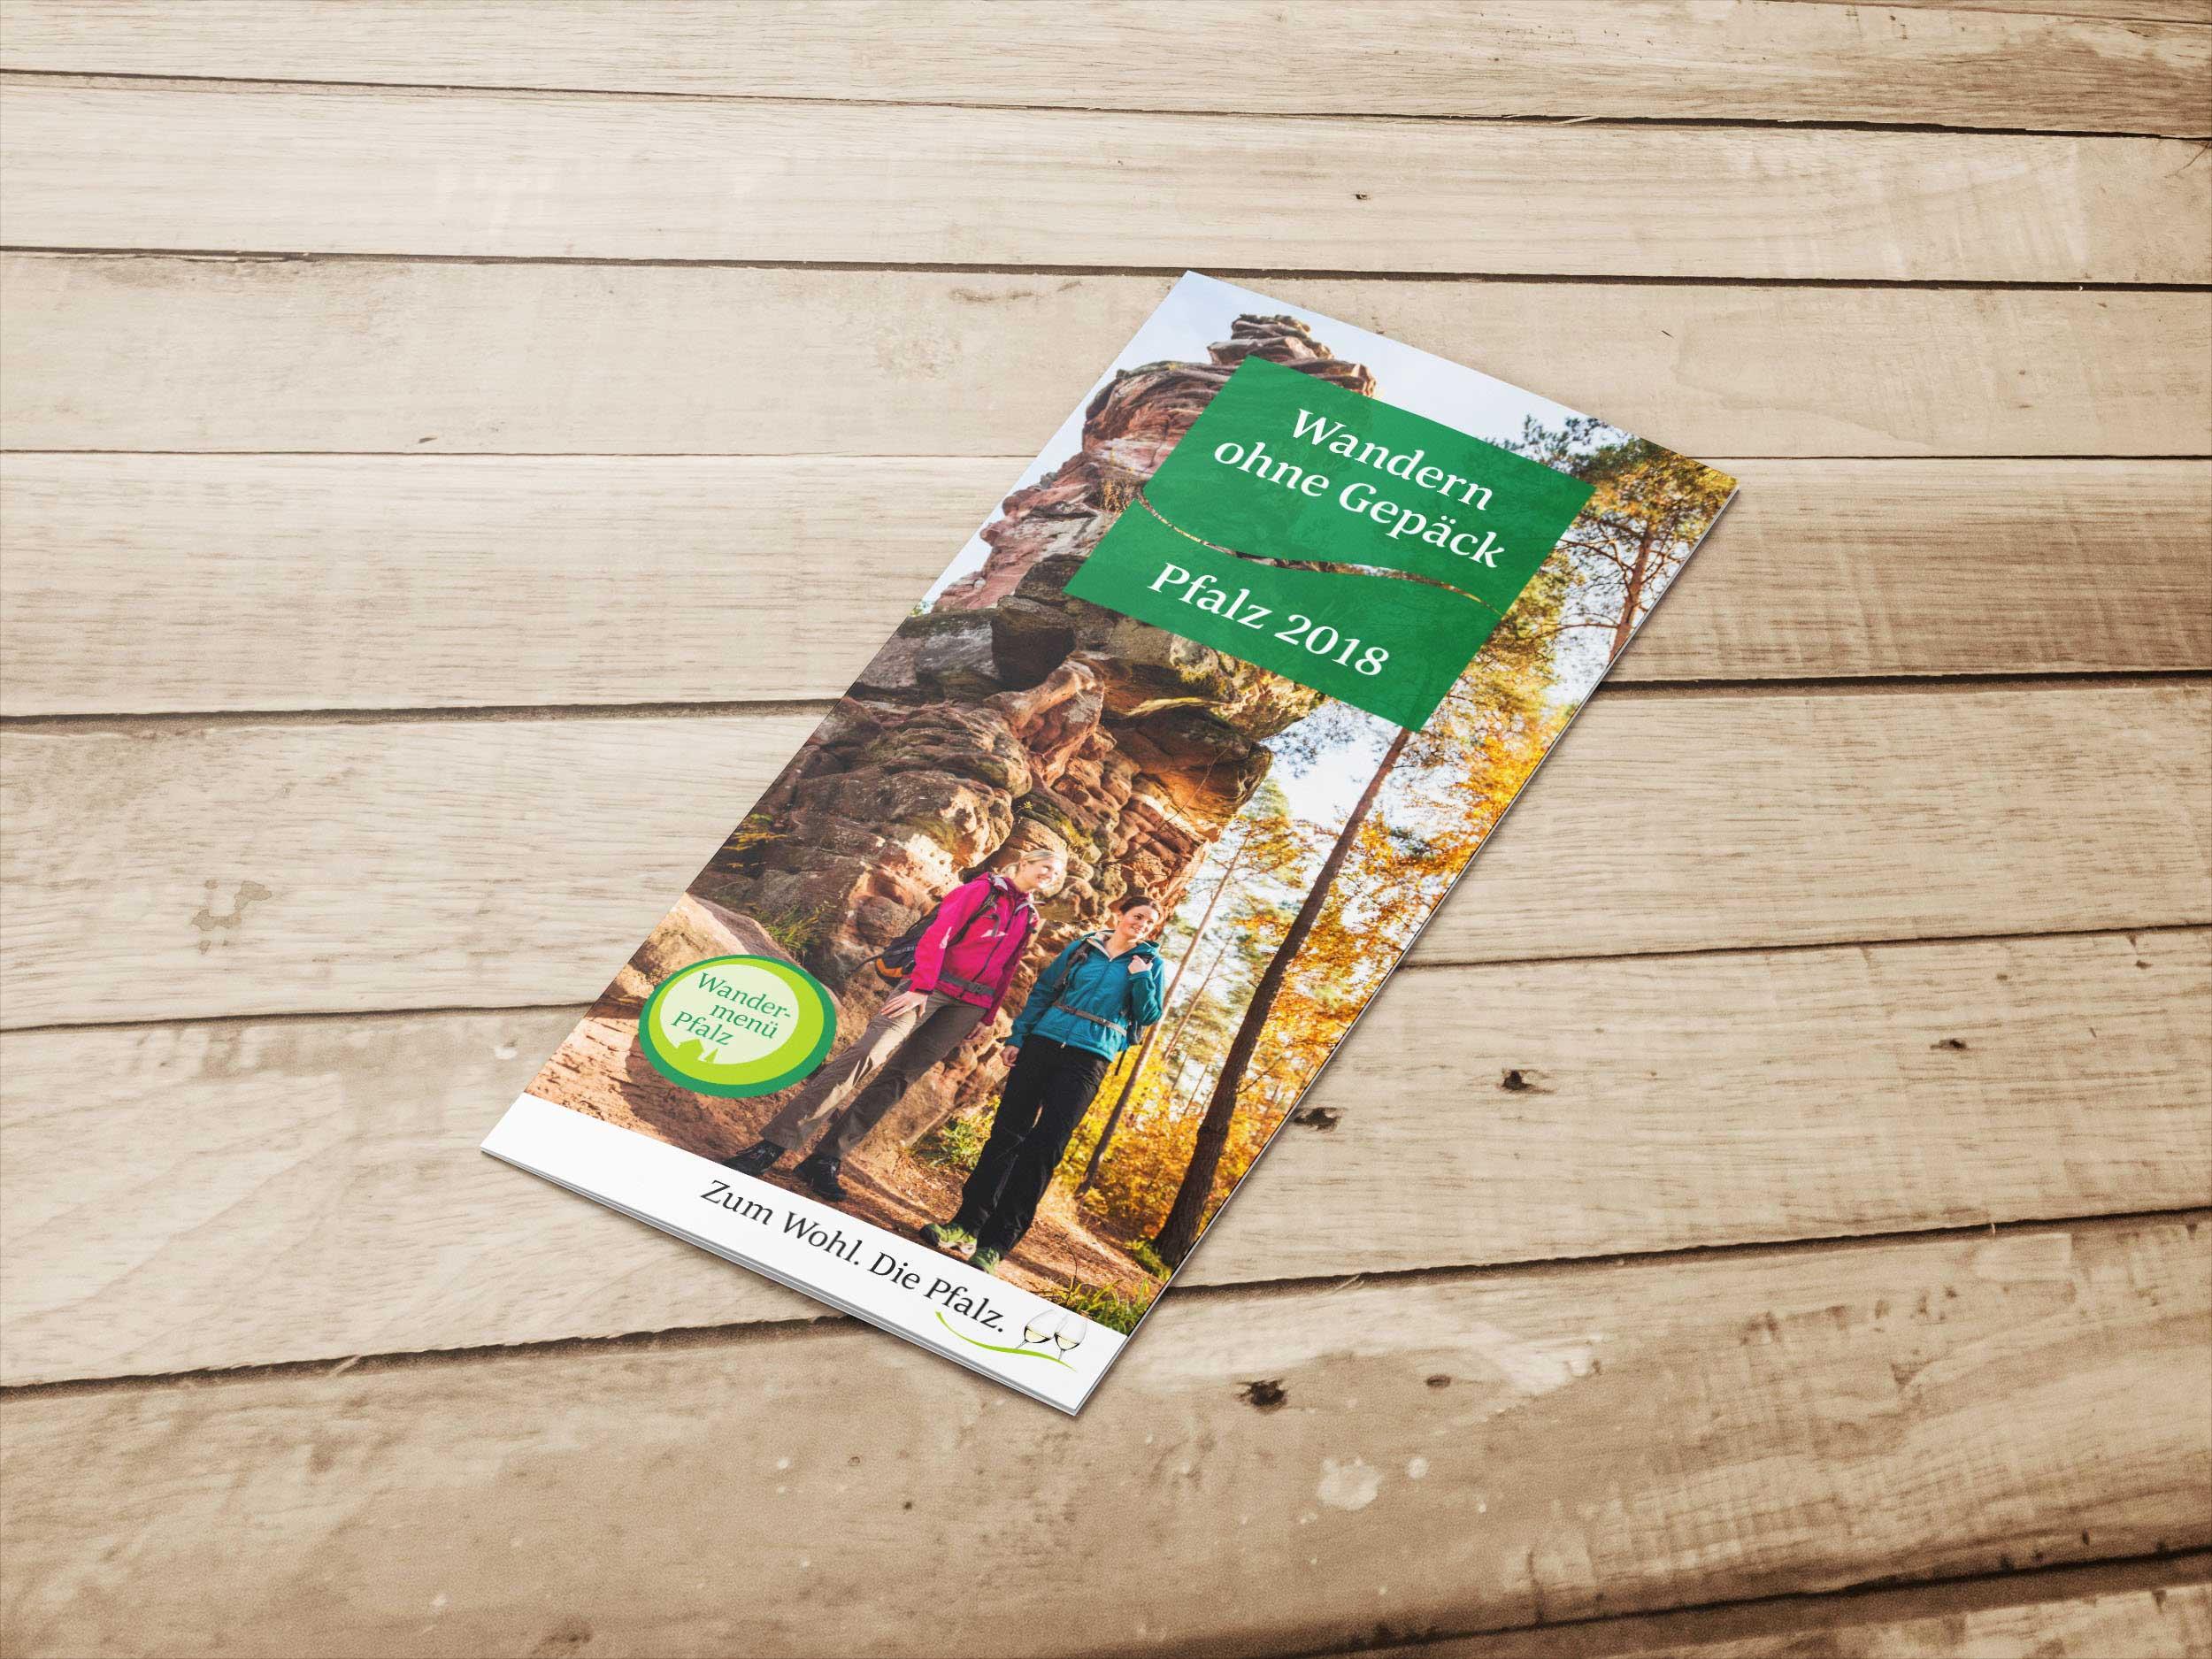 Wandern ohne Gepäck – Pfalz Touristik | Design